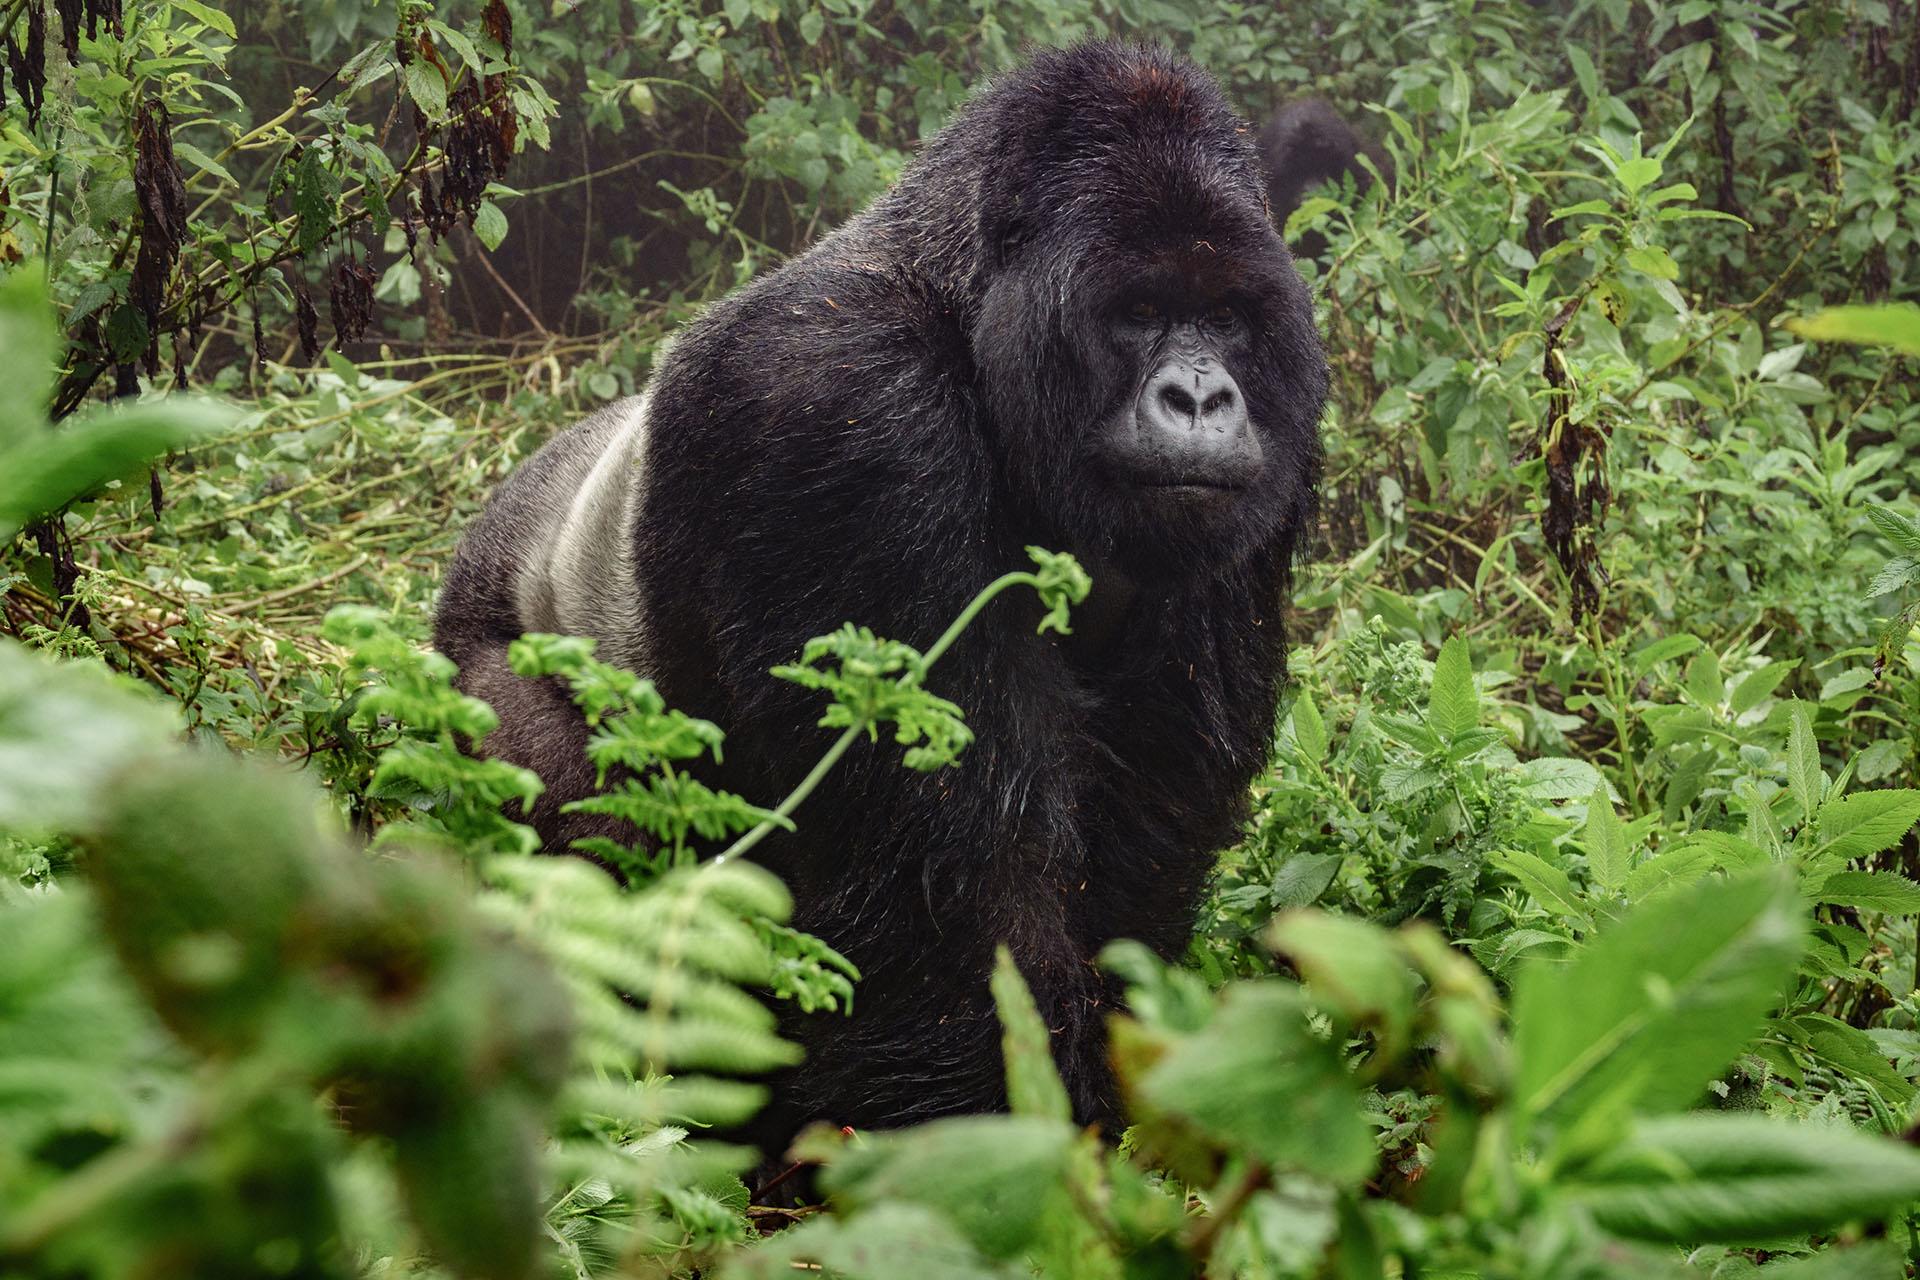 Afrika Safari beste Reisezeit, Reisetipps Uganda, Bwindi Impenetrable National Park Uganda, Rundreise UGANDA, individuelle Rundreise UGANDA, Mietwagenrundreise UGANDA, Reise UGANDA, erlebe UGANDA, Selbstfahrer UGANDA, Kleingruppenreise UGANDA, UGANDA auf eigene Faust, Gruppenreise UGANDA, Urlaub in UGANDA, Ferien in UGANDA, Familienreise UGANDA, Flitterwochen UGANDA, Hochzeitsreise UGANDA, Safari Uganda